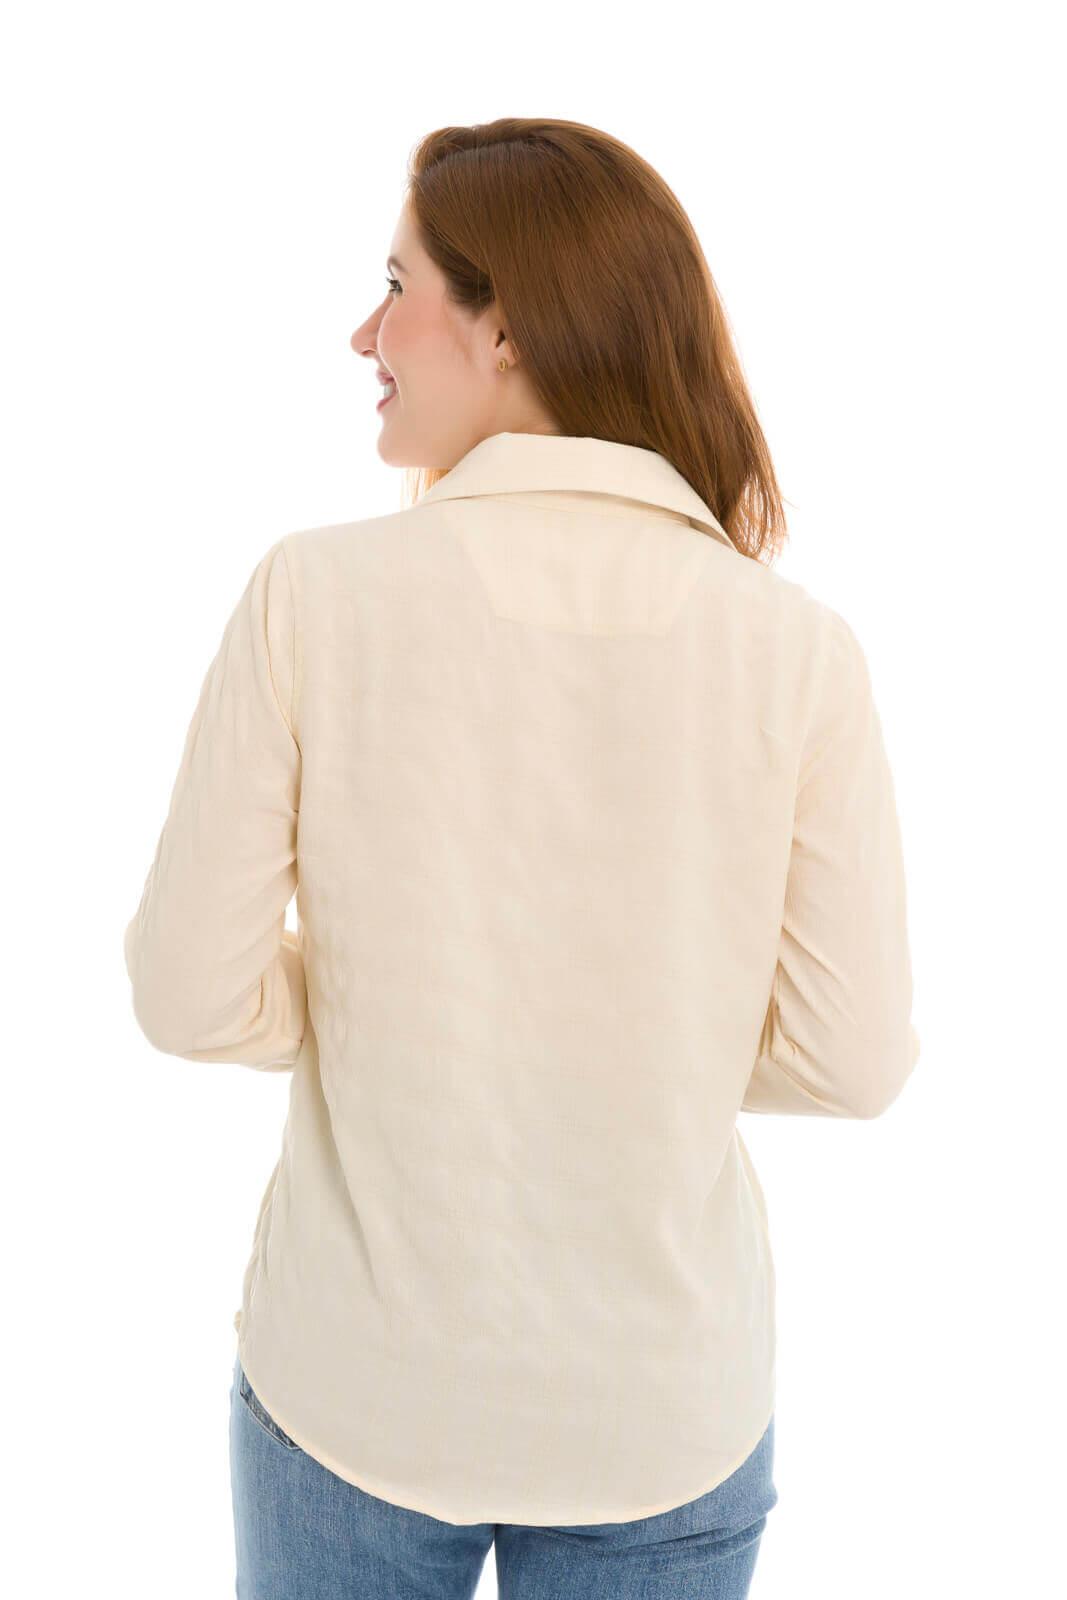 Camisa Camisete Feminino Olimpo Estampada Com Amarração Frente Manga Longa Bege